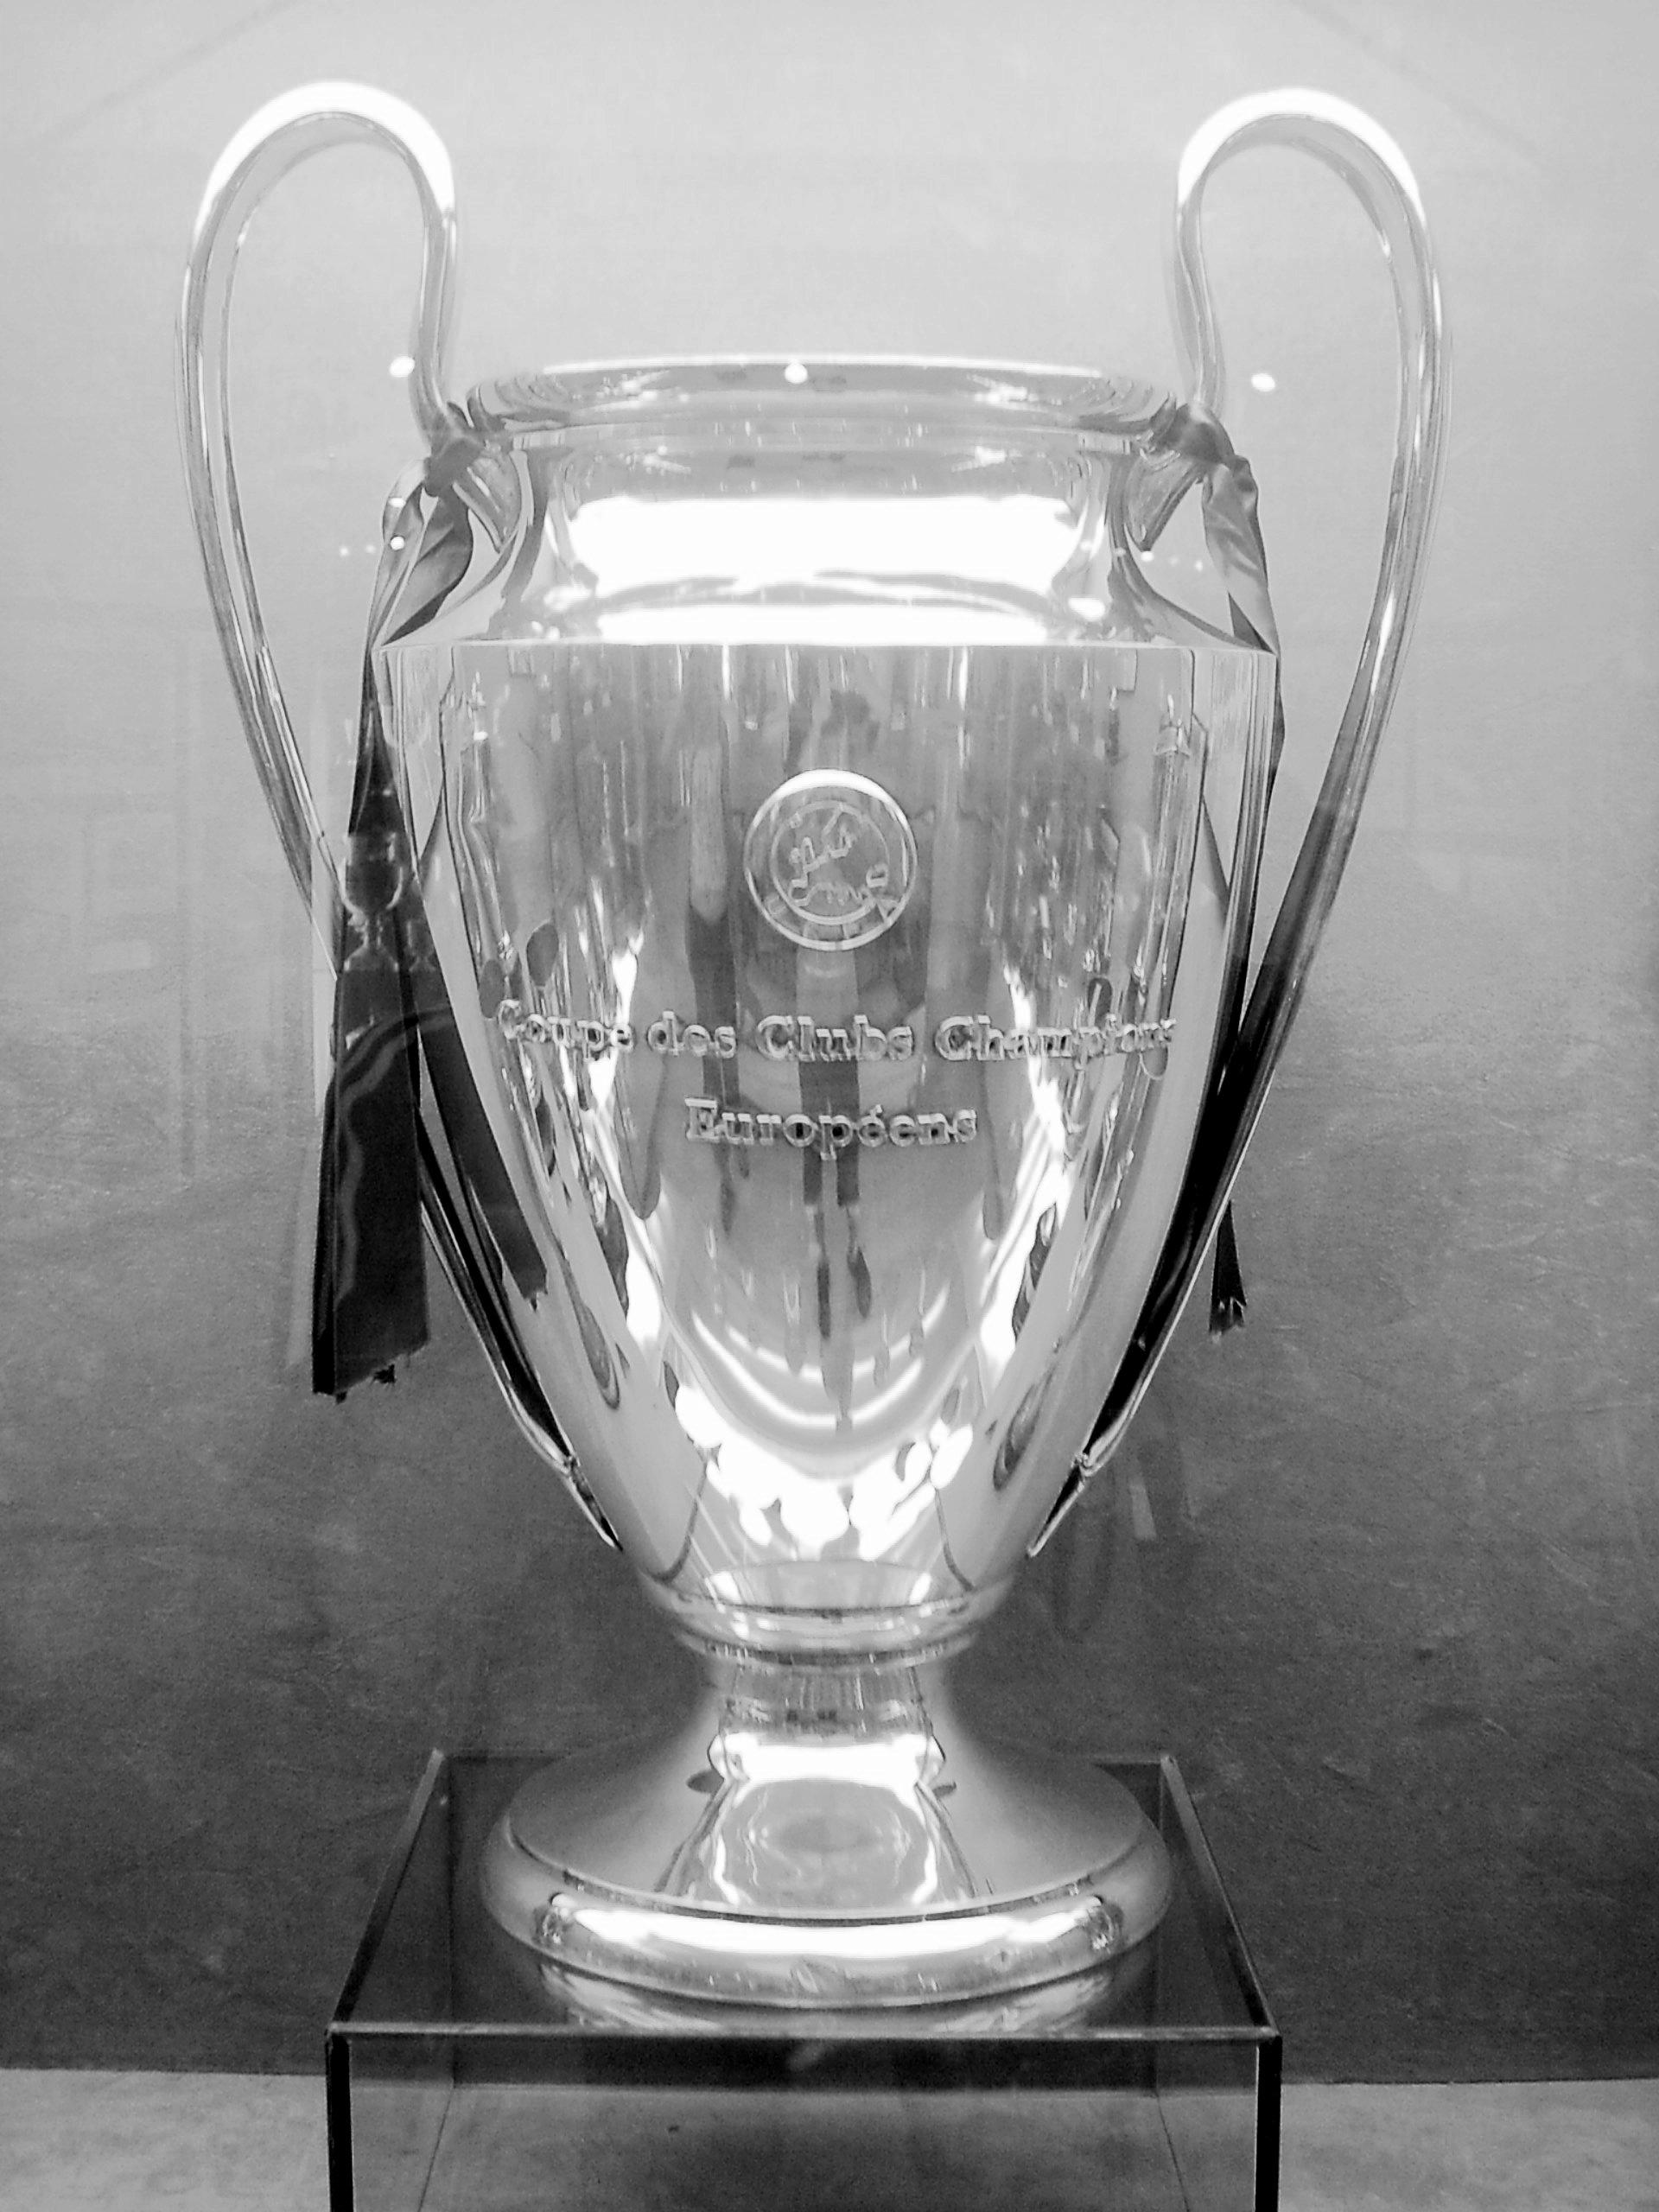 Ligue des champions de l 39 uefa - Resultat coupe europa league ...